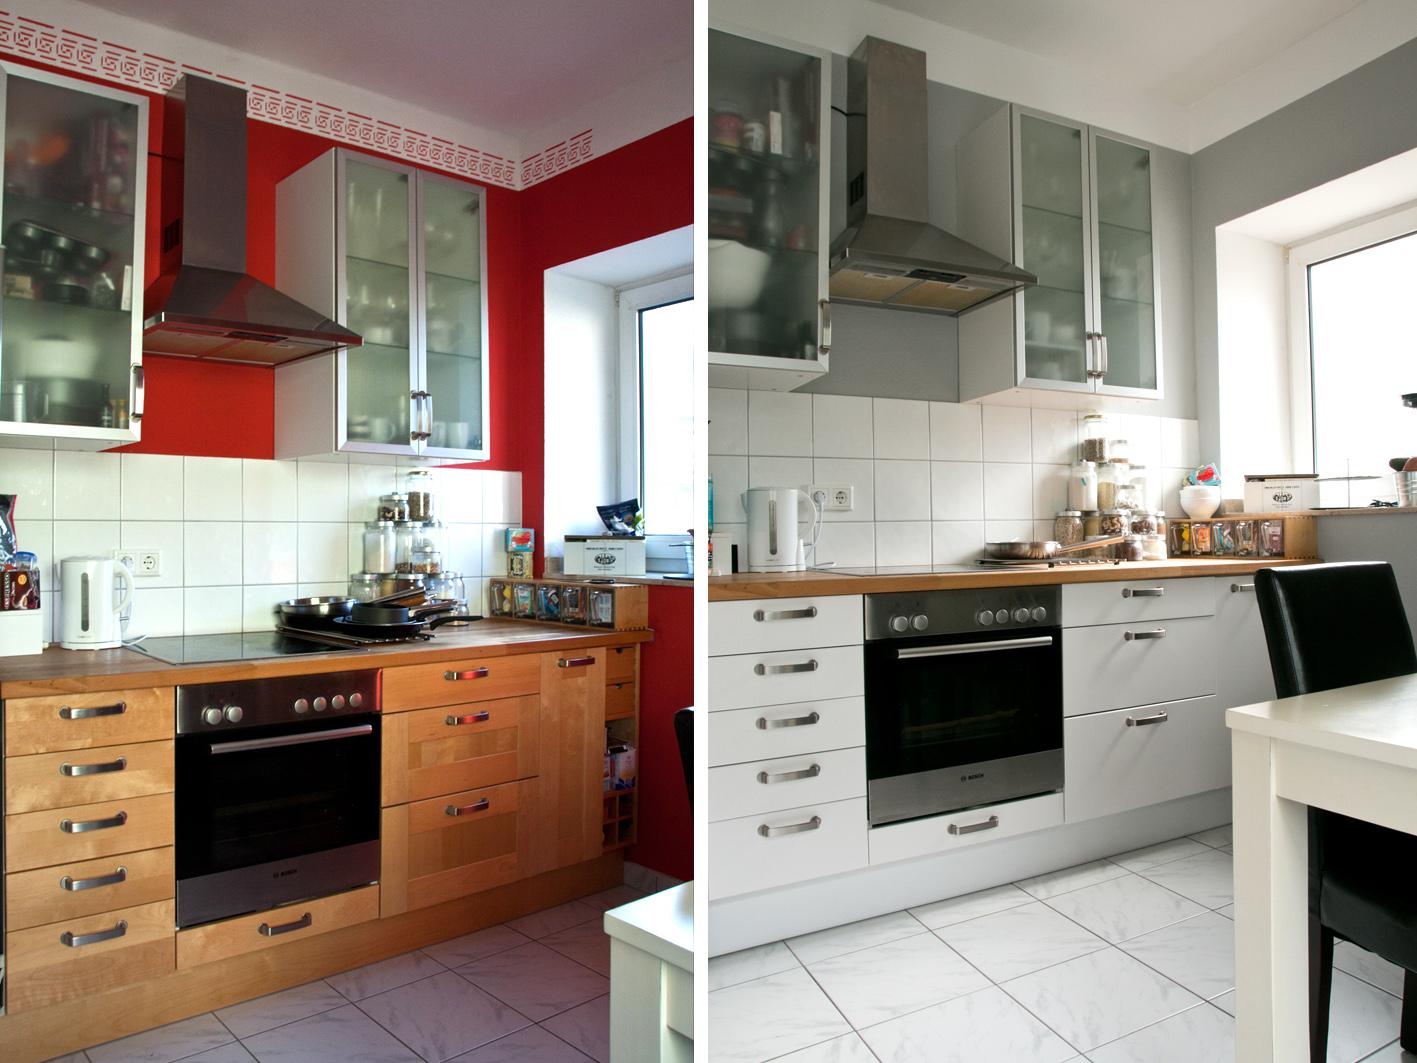 Full Size of Ikea Küchenzeile Küche Kaufen Kosten Sofa Mit Schlaffunktion Betten 160x200 Modulküche Bei Miniküche Wohnzimmer Ikea Küchenzeile